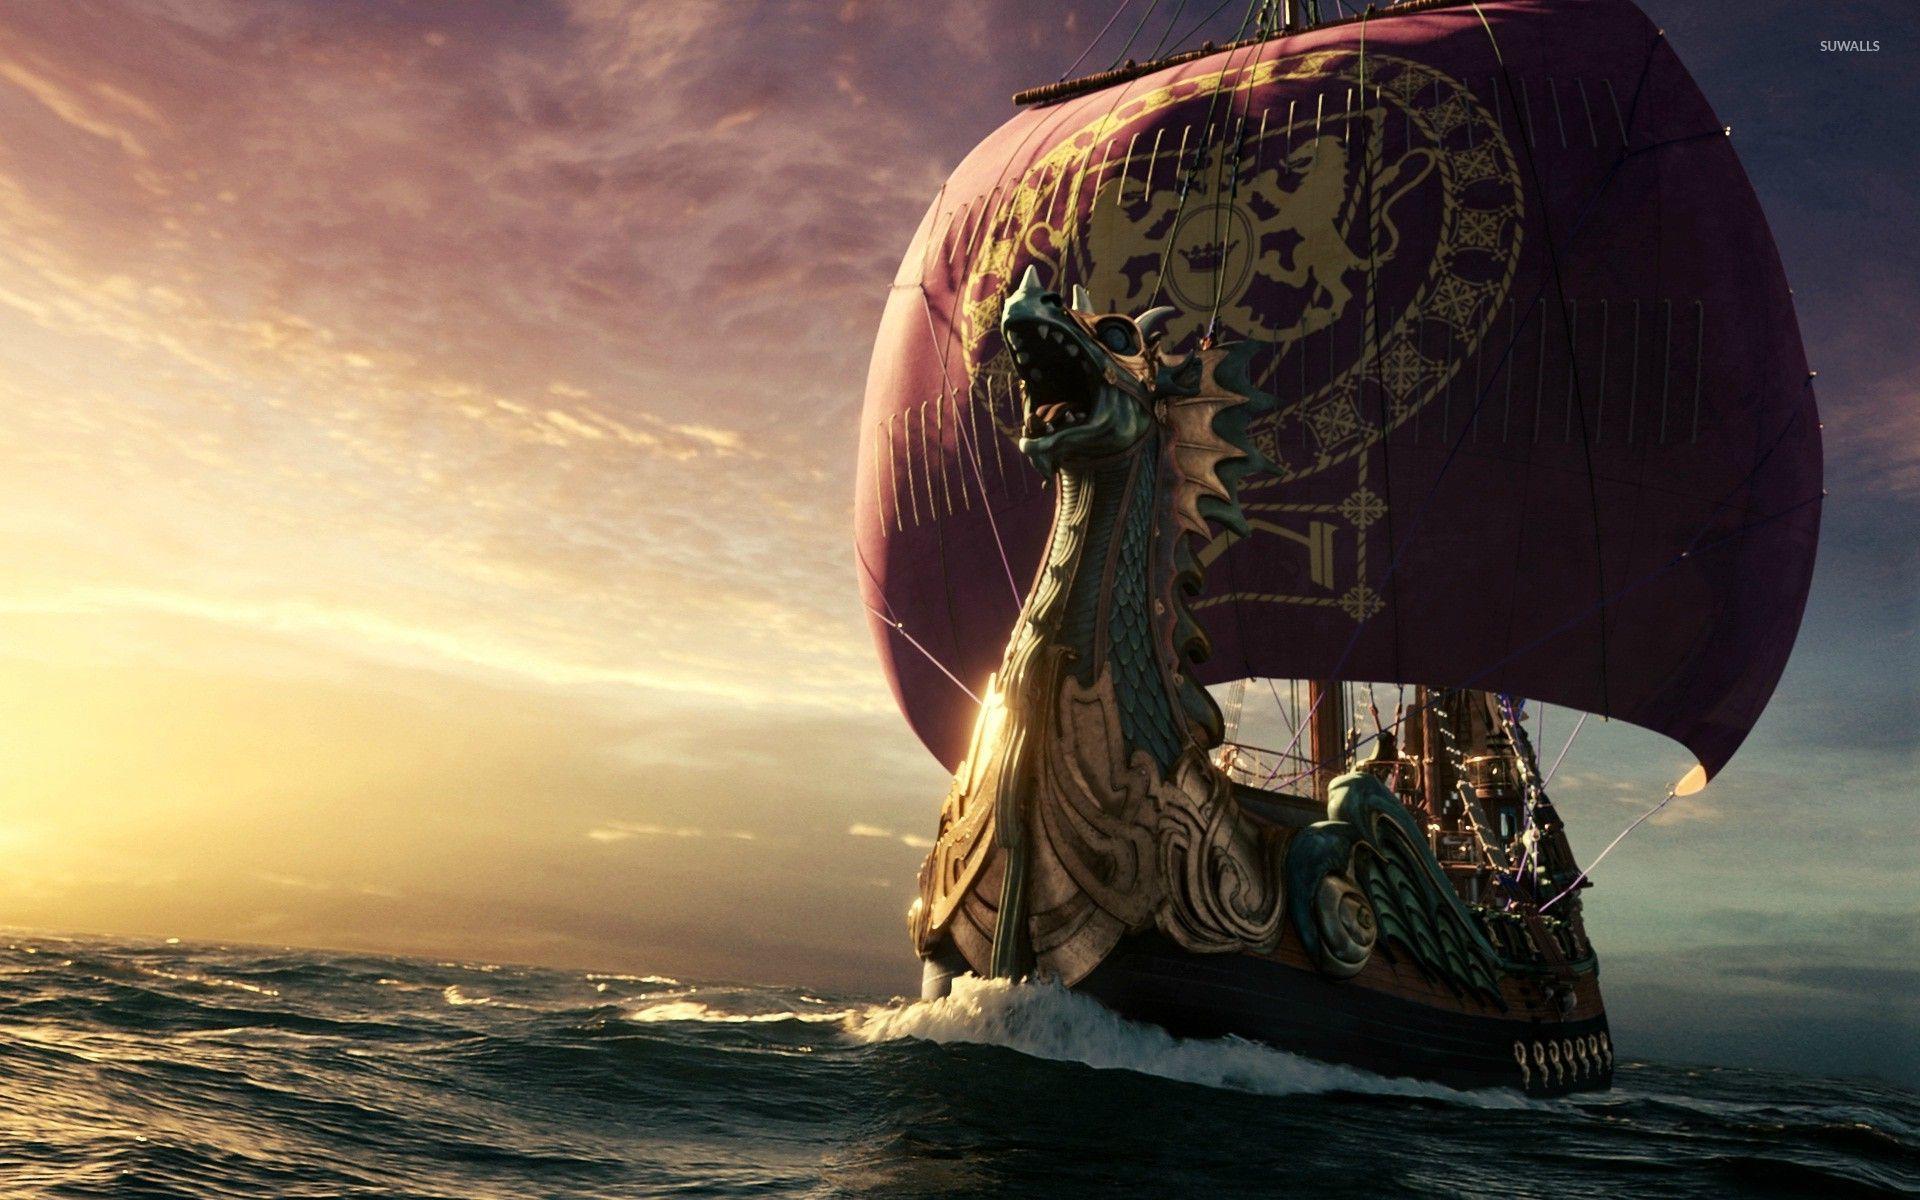 Somali pirate ship wallpaper